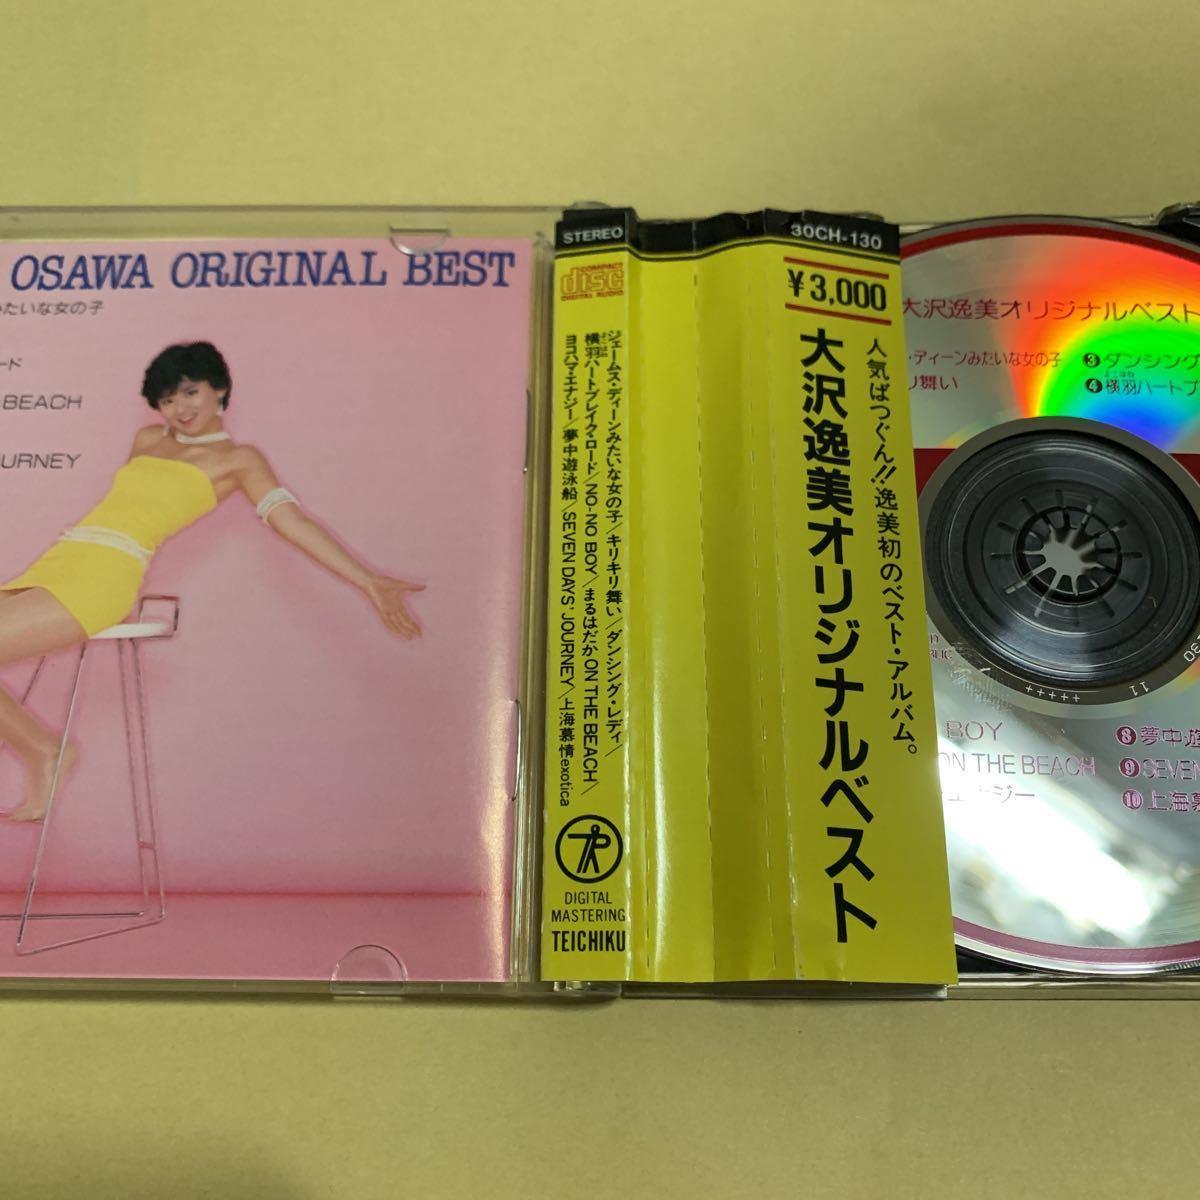 ☆巻帯☆ 大沢逸美 / オリジナル ベスト ORIGINAL BEST 1985年盤 CD 30CH-130_画像4